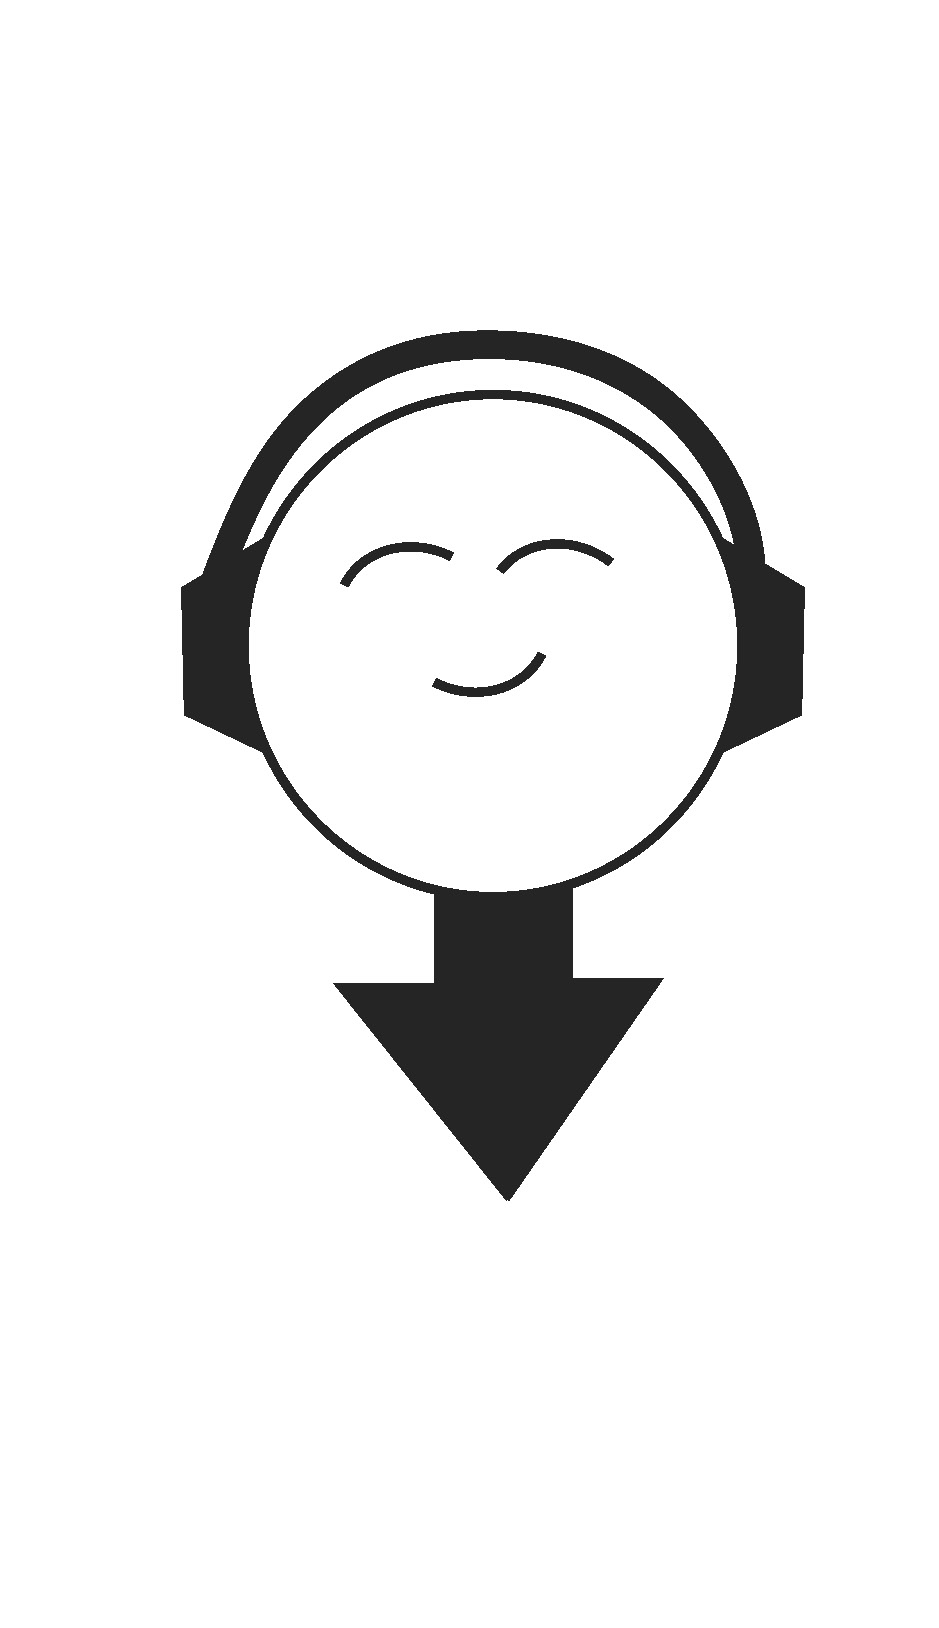 music app logo illustration